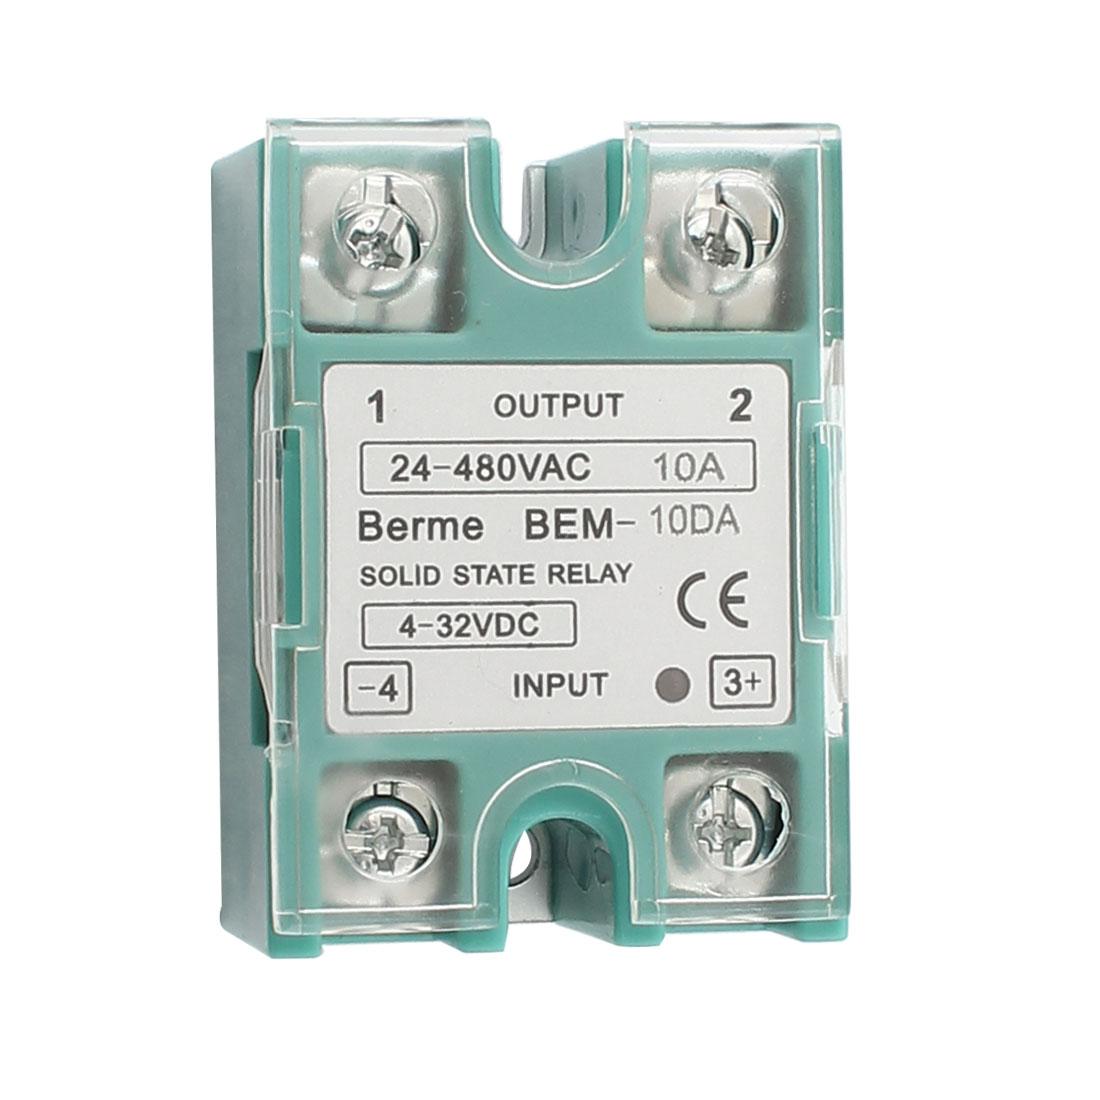 Solid State Relay Module BEM-1 10DA DC-AC 10A 4-32VDC/24-480VAC